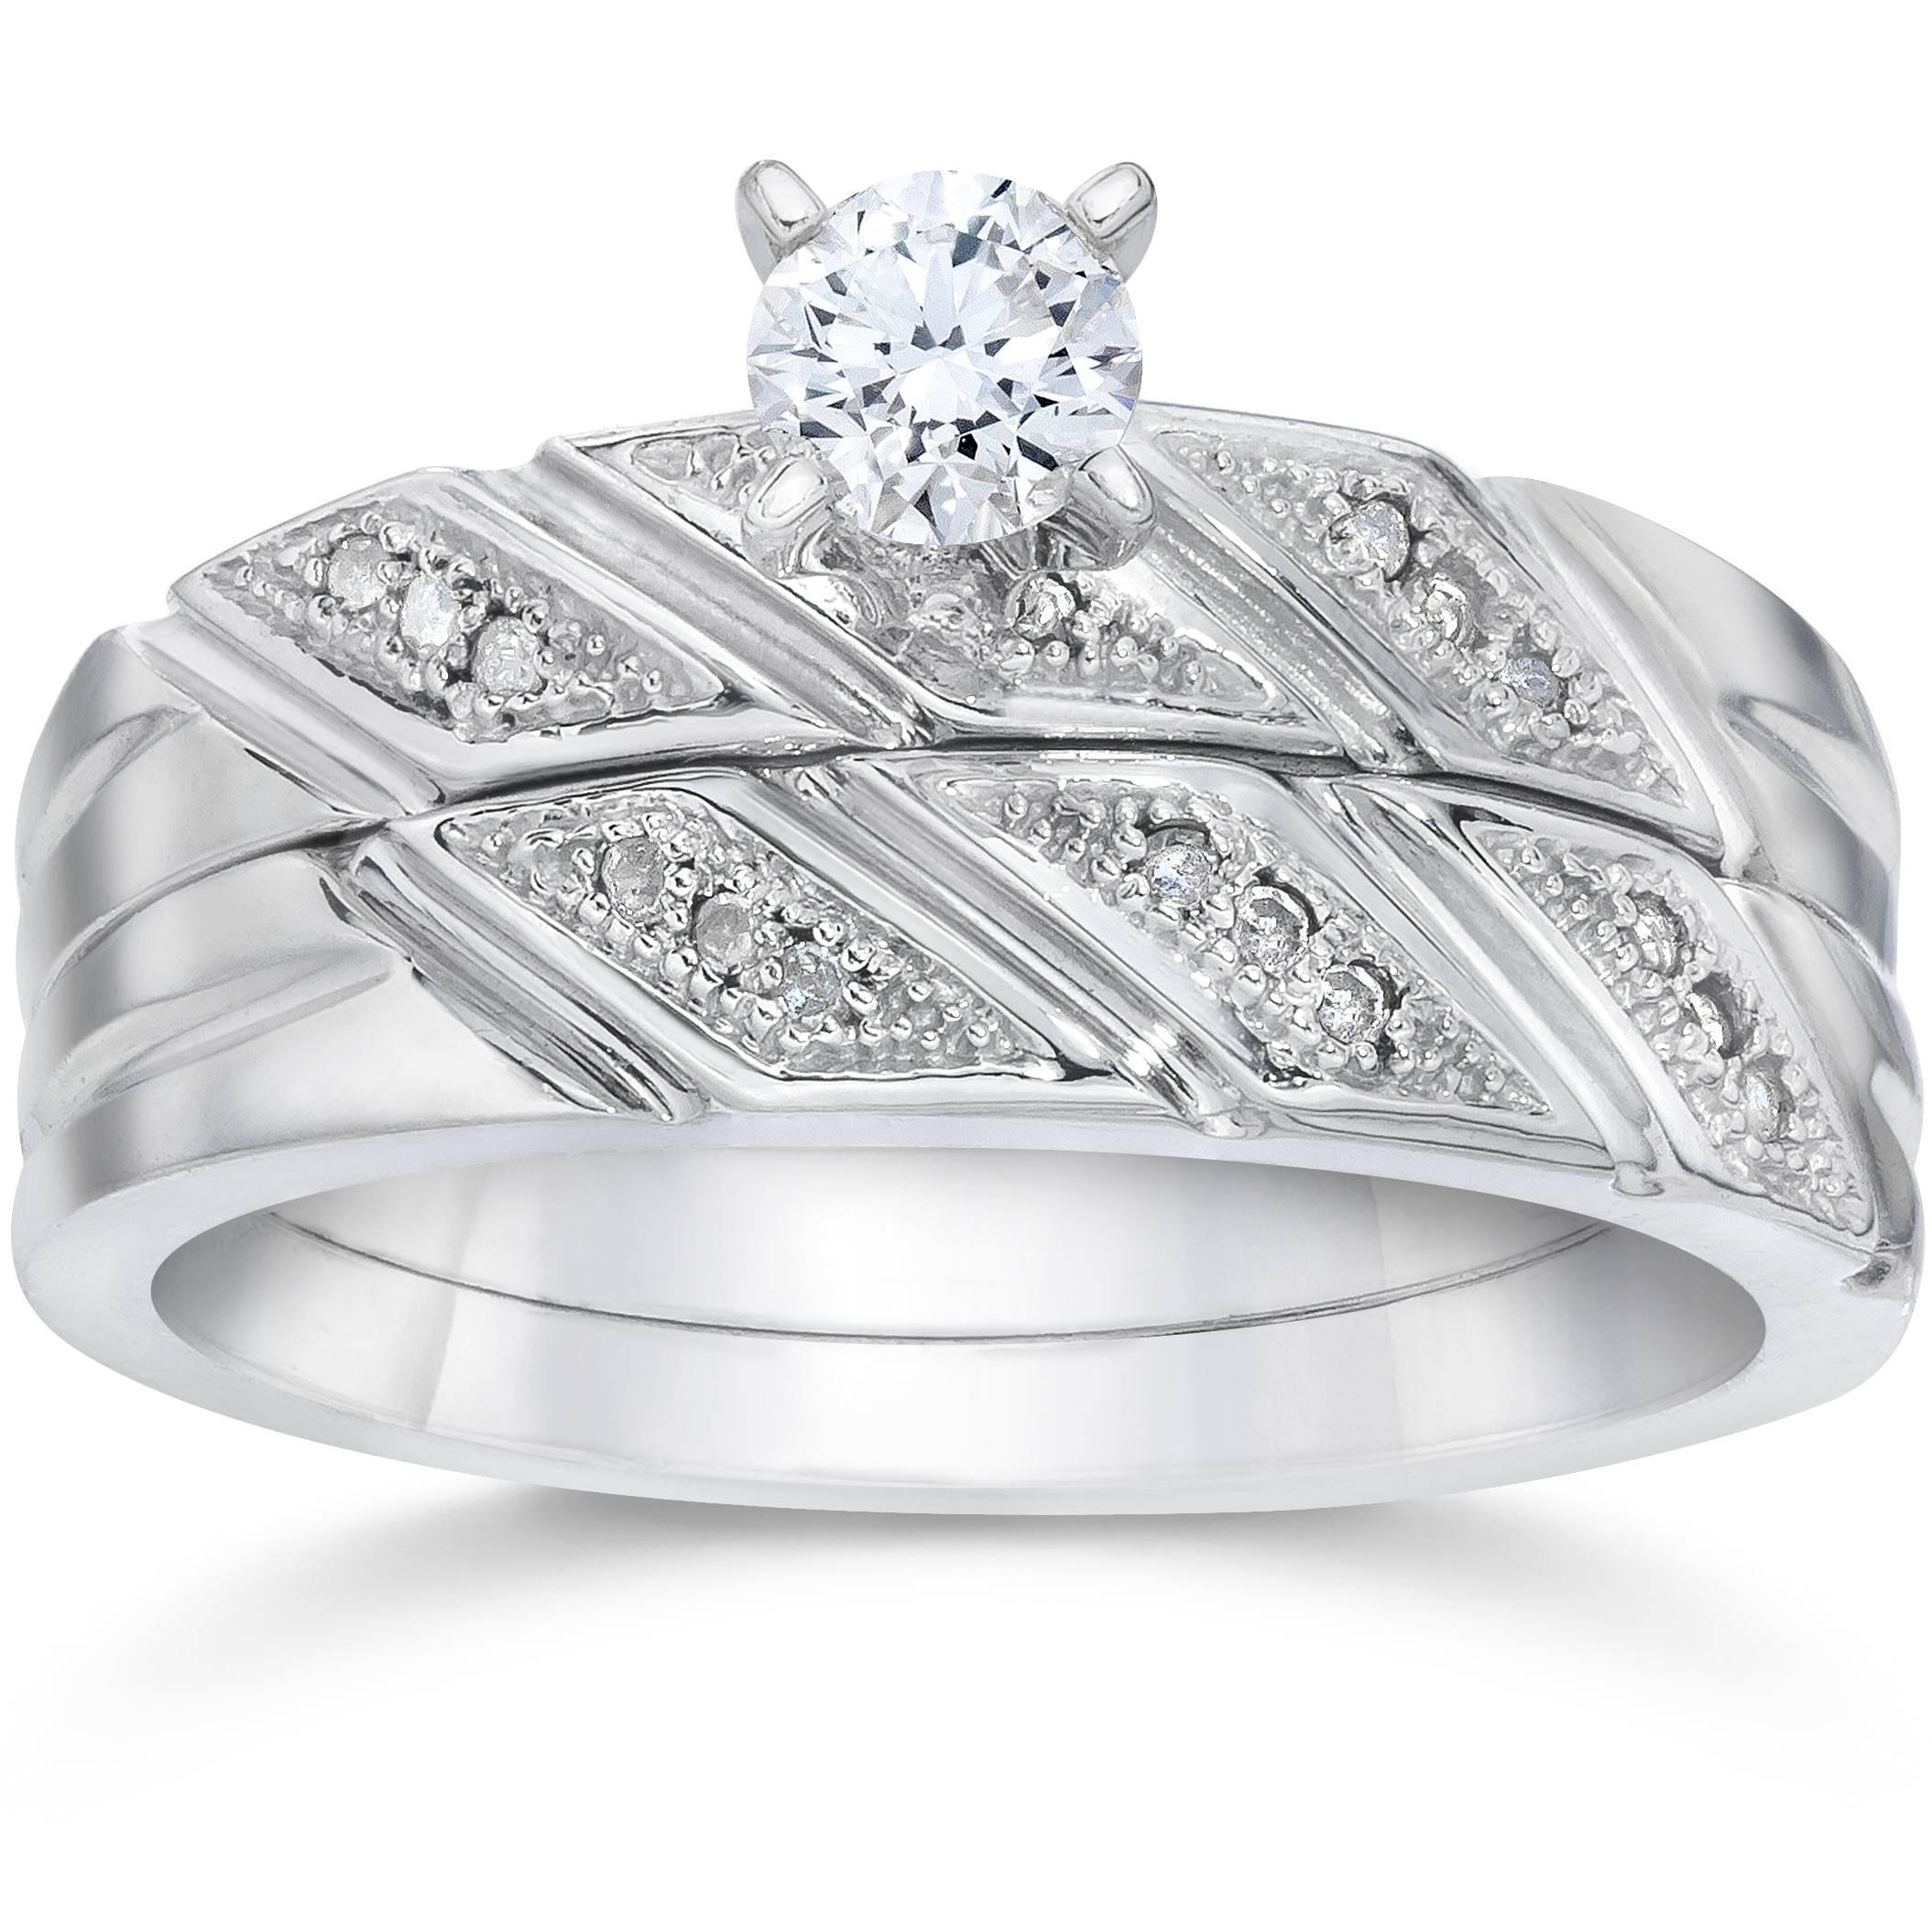 1 5ct engagement ring matching wedding band set